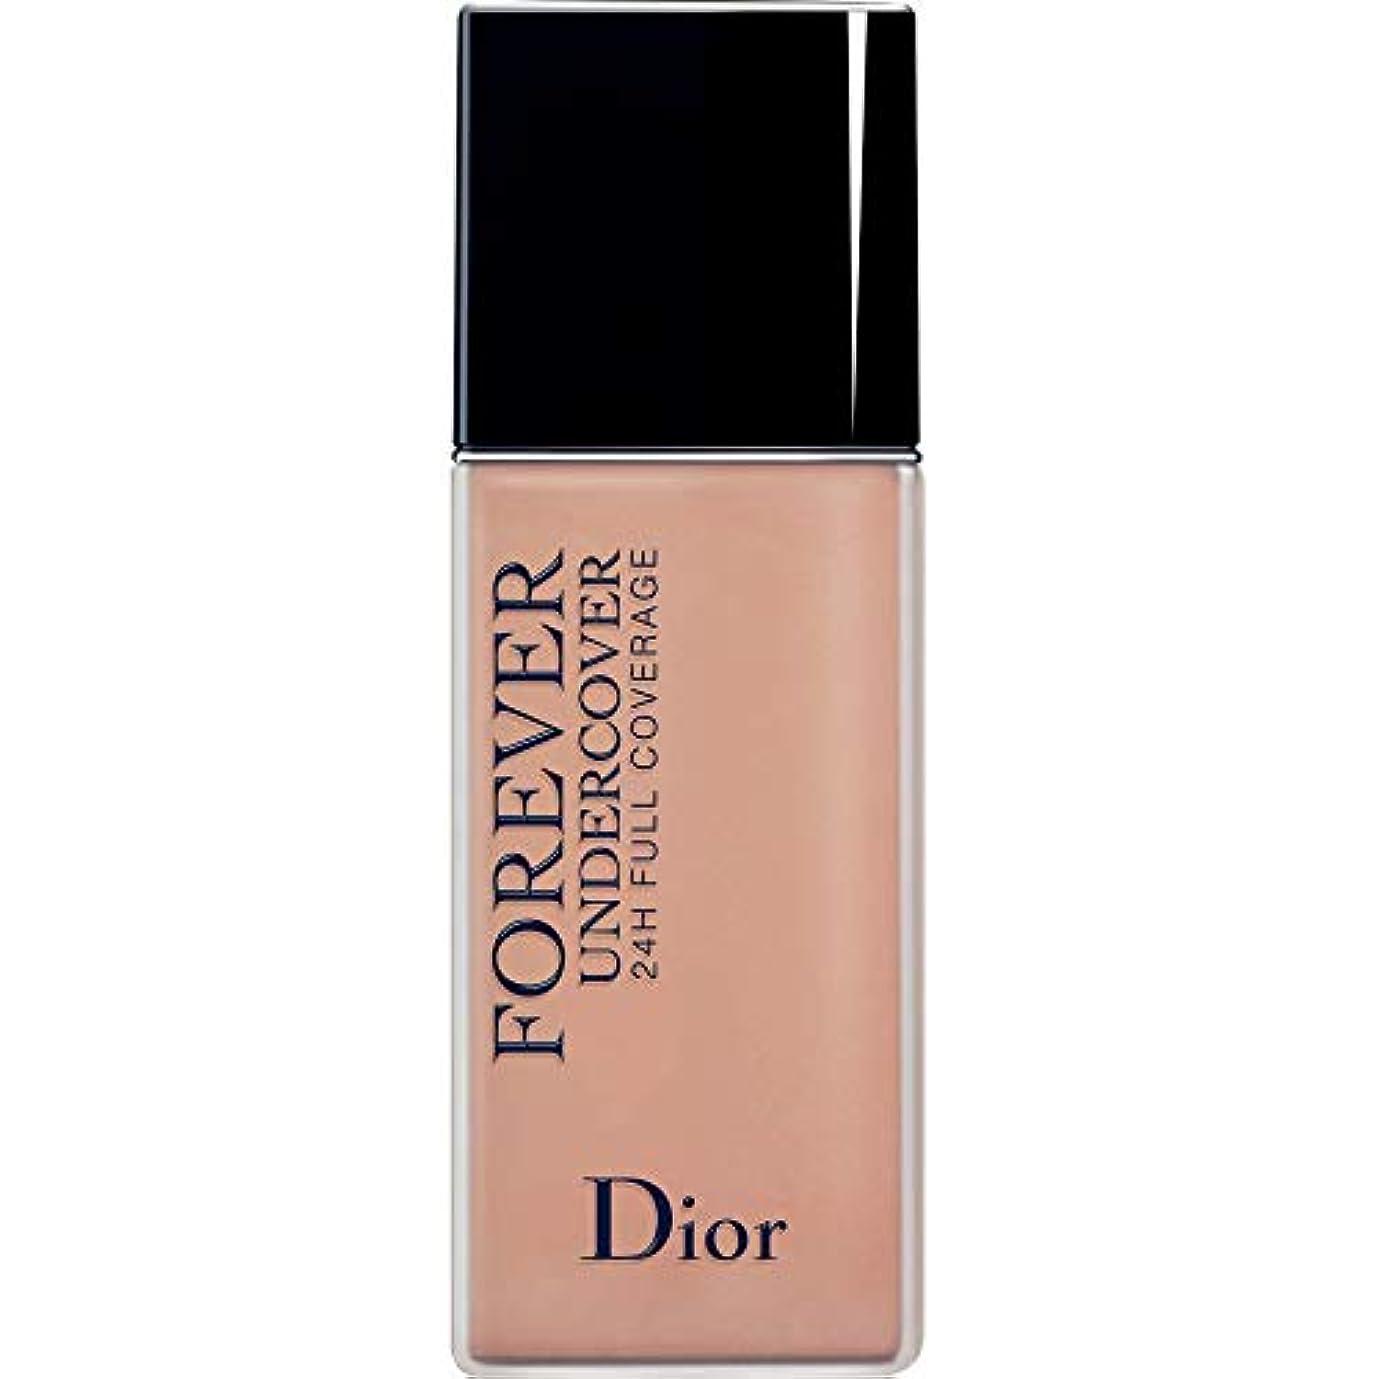 神東方錫[Dior ] ディオールディオールスキン永遠アンダーカバーフルカバーの基礎40ミリリットル034 - アーモンドベージュ - DIOR Diorskin Forever Undercover Full Coverage Foundation 40ml 034 - Almond Beige [並行輸入品]